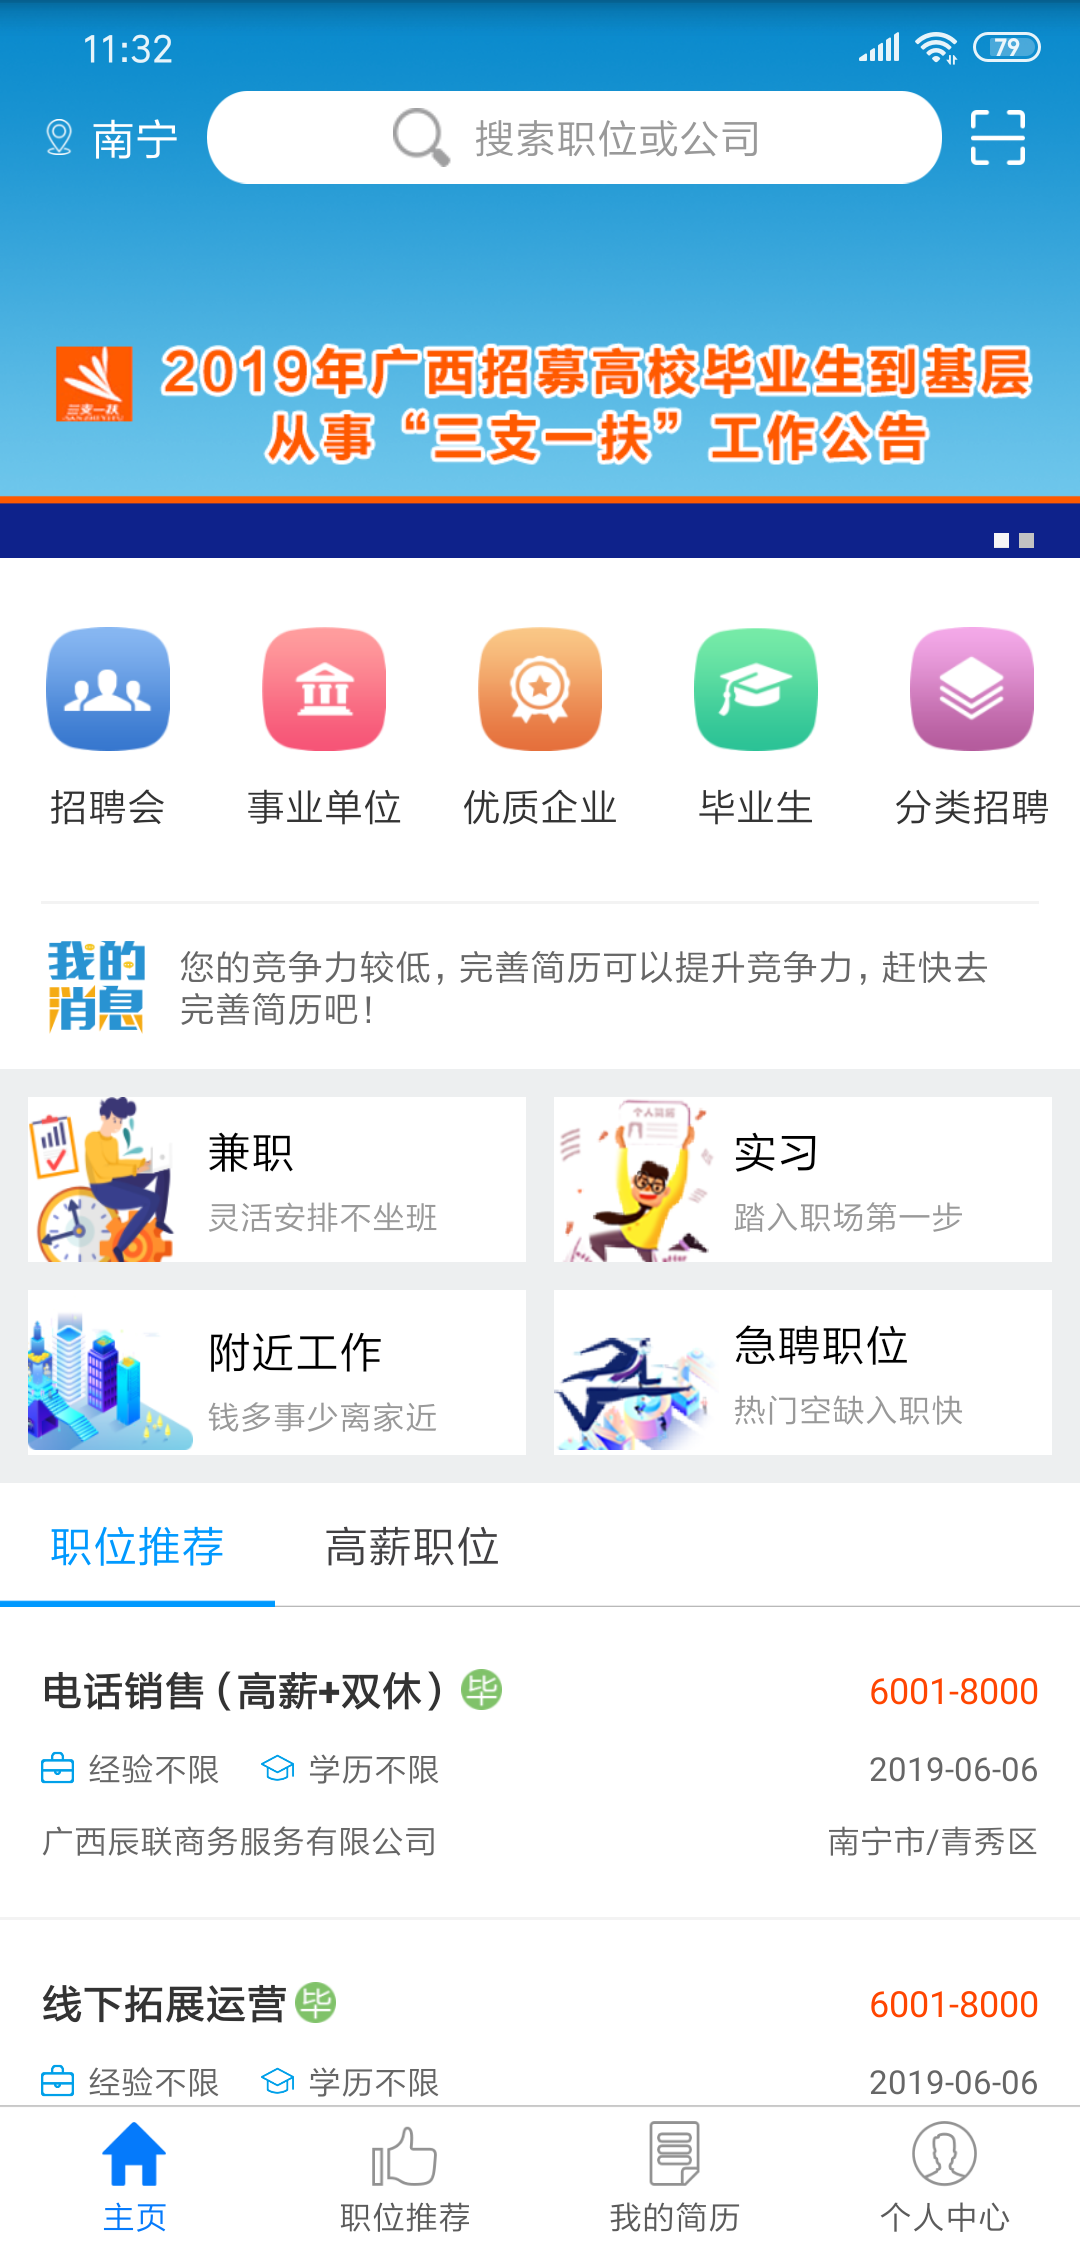 广西人才网手机版下载(暂未上线)